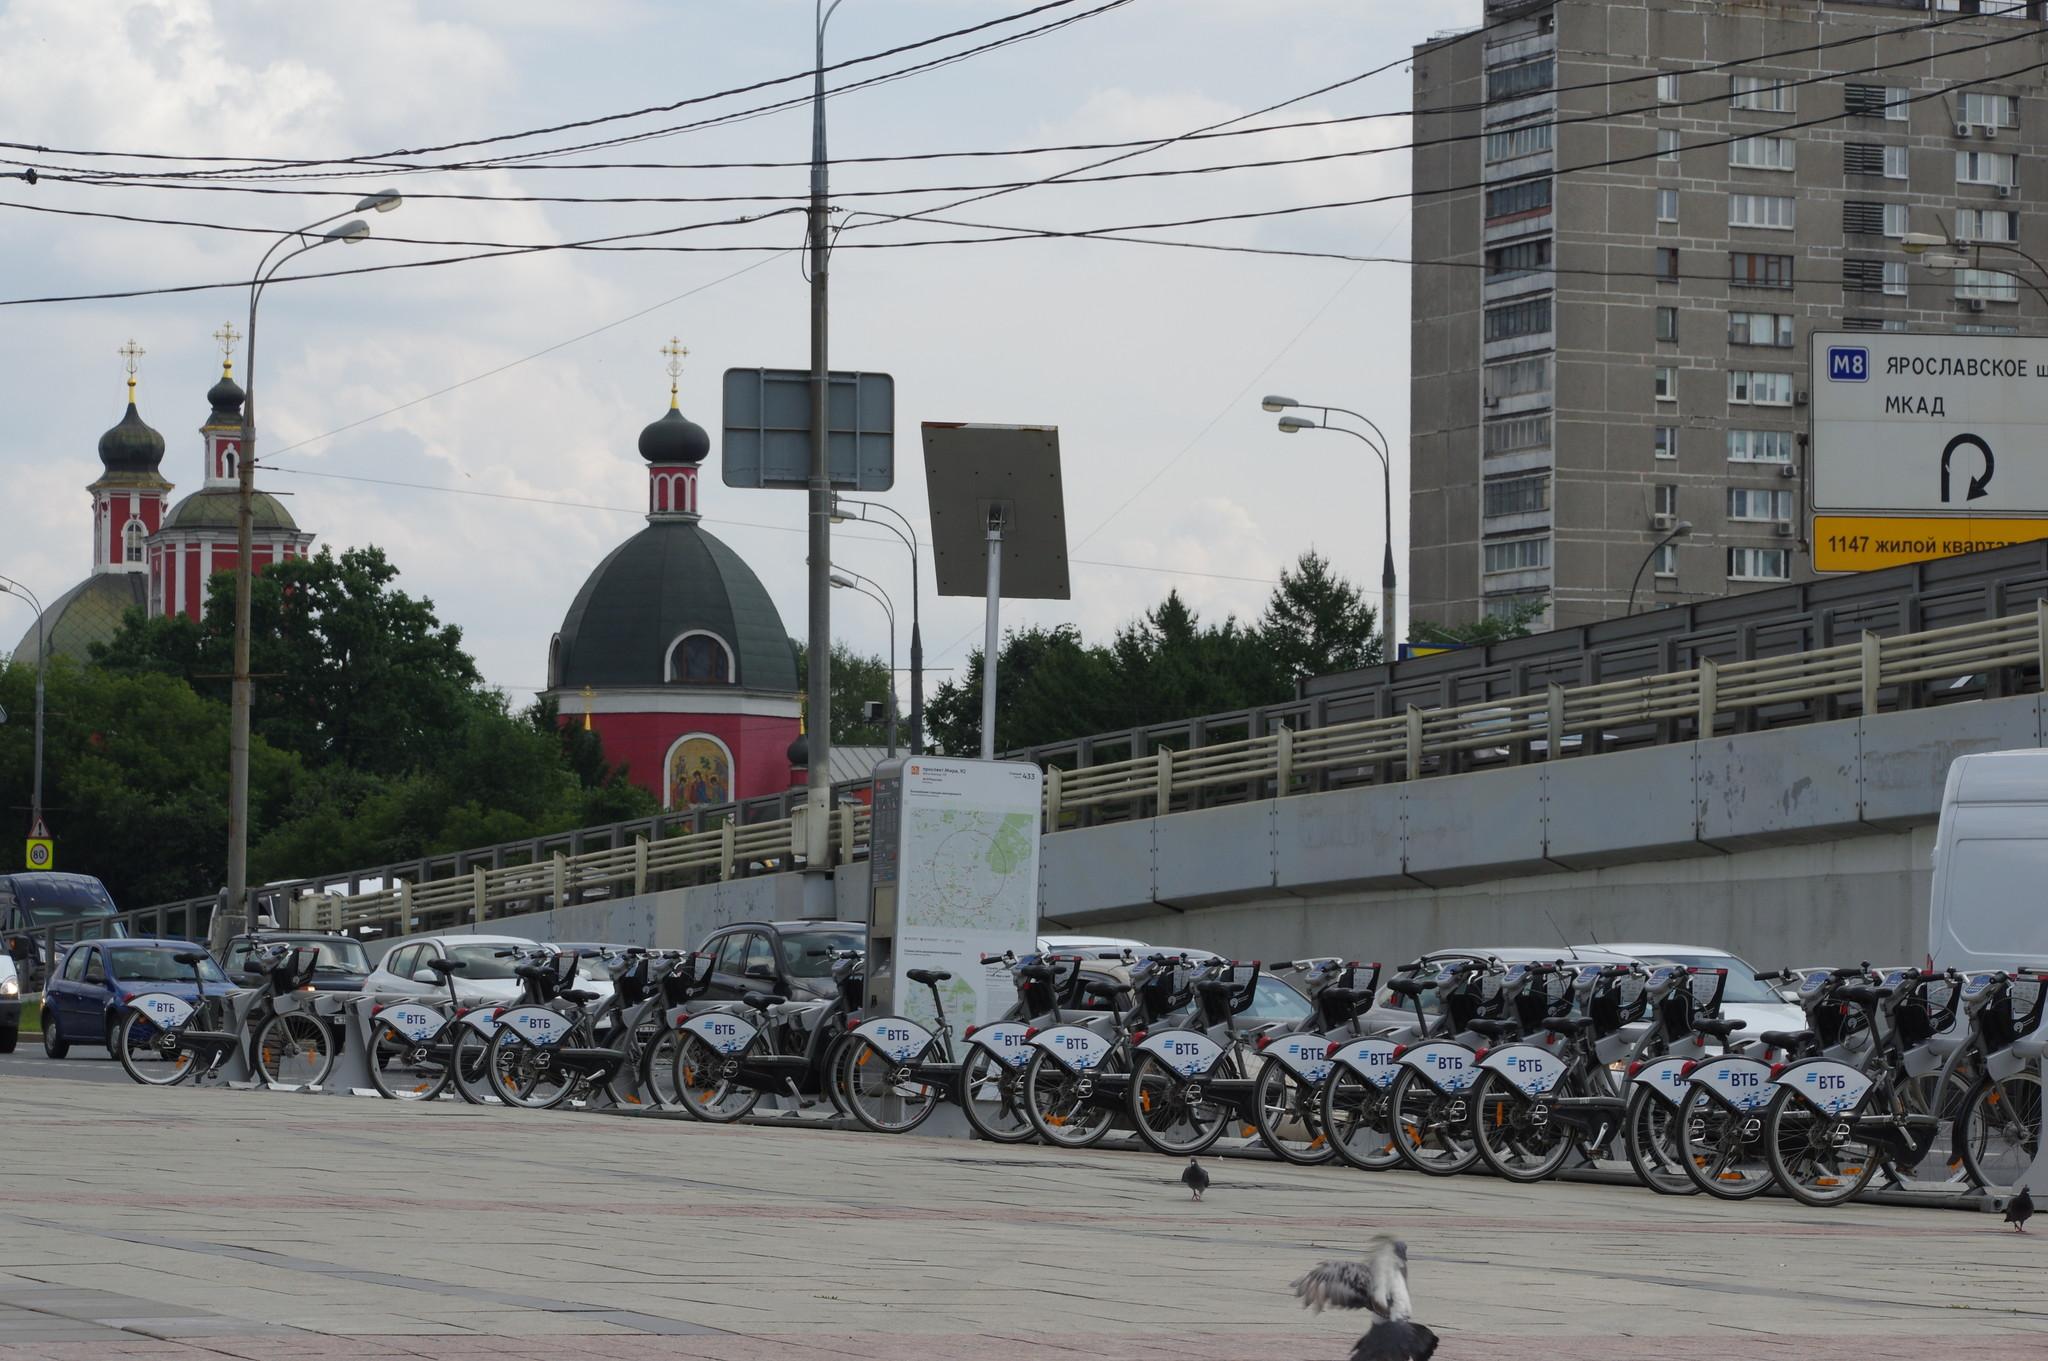 Велобайк у входа на станцию метро «Рижская»